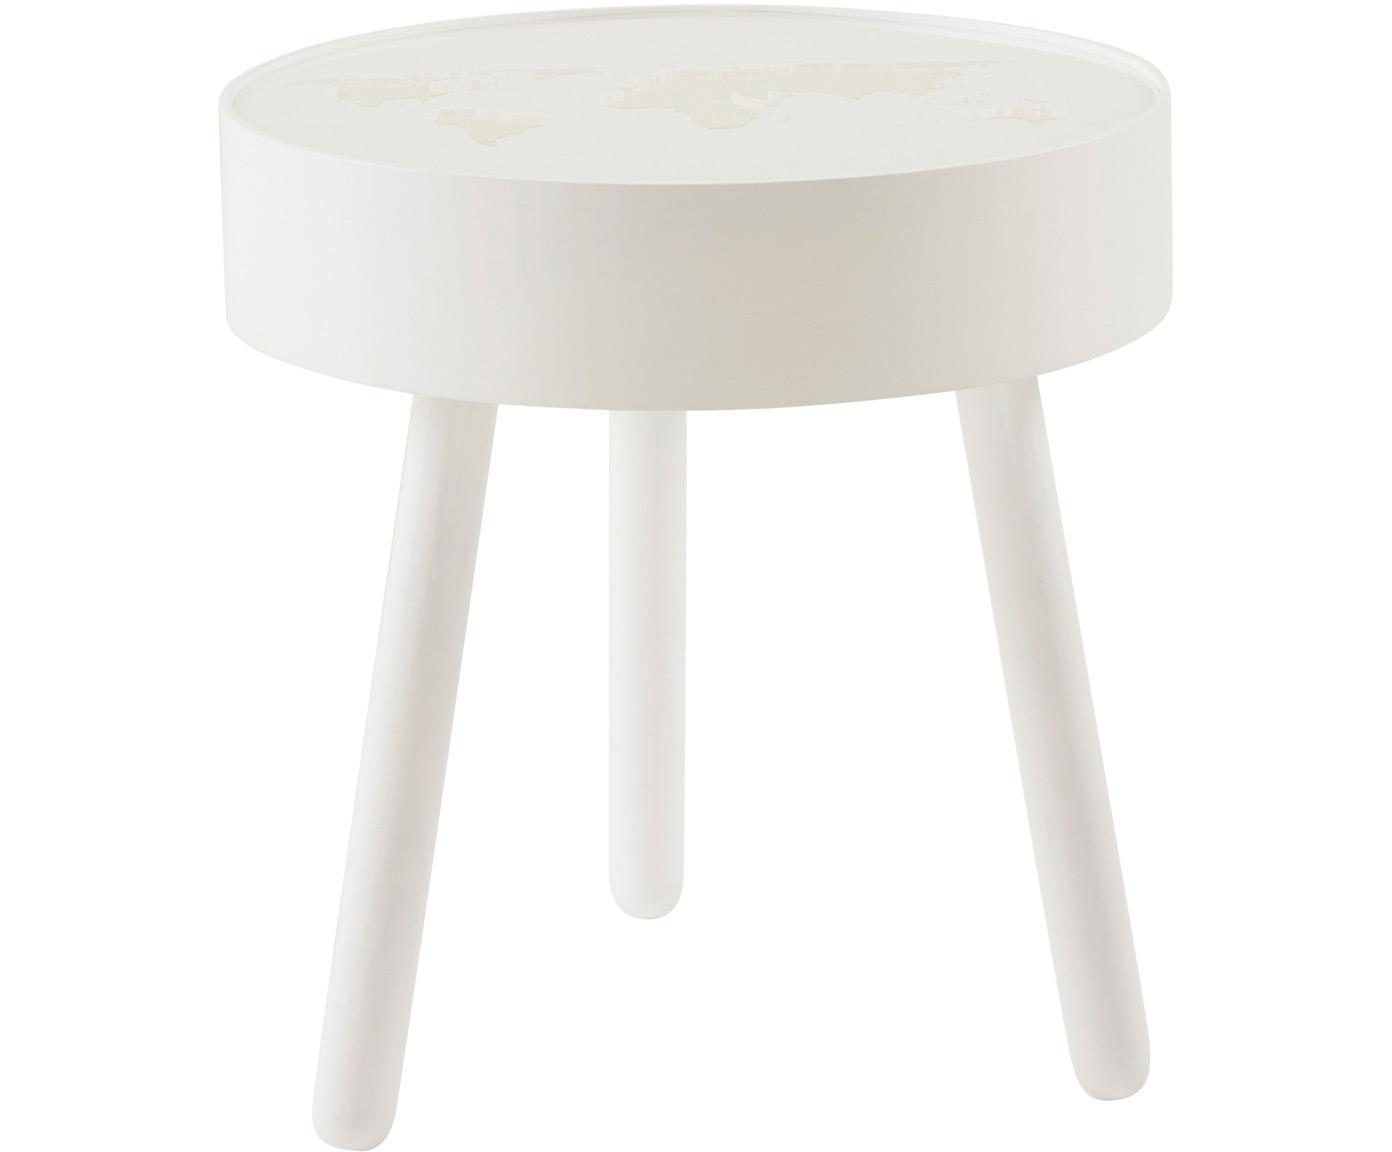 Lampa podłogowa LED Monroy, Stelaż: drewno, Blat: szkło akrylowe, Biały, Ø 40 x W 42 cm